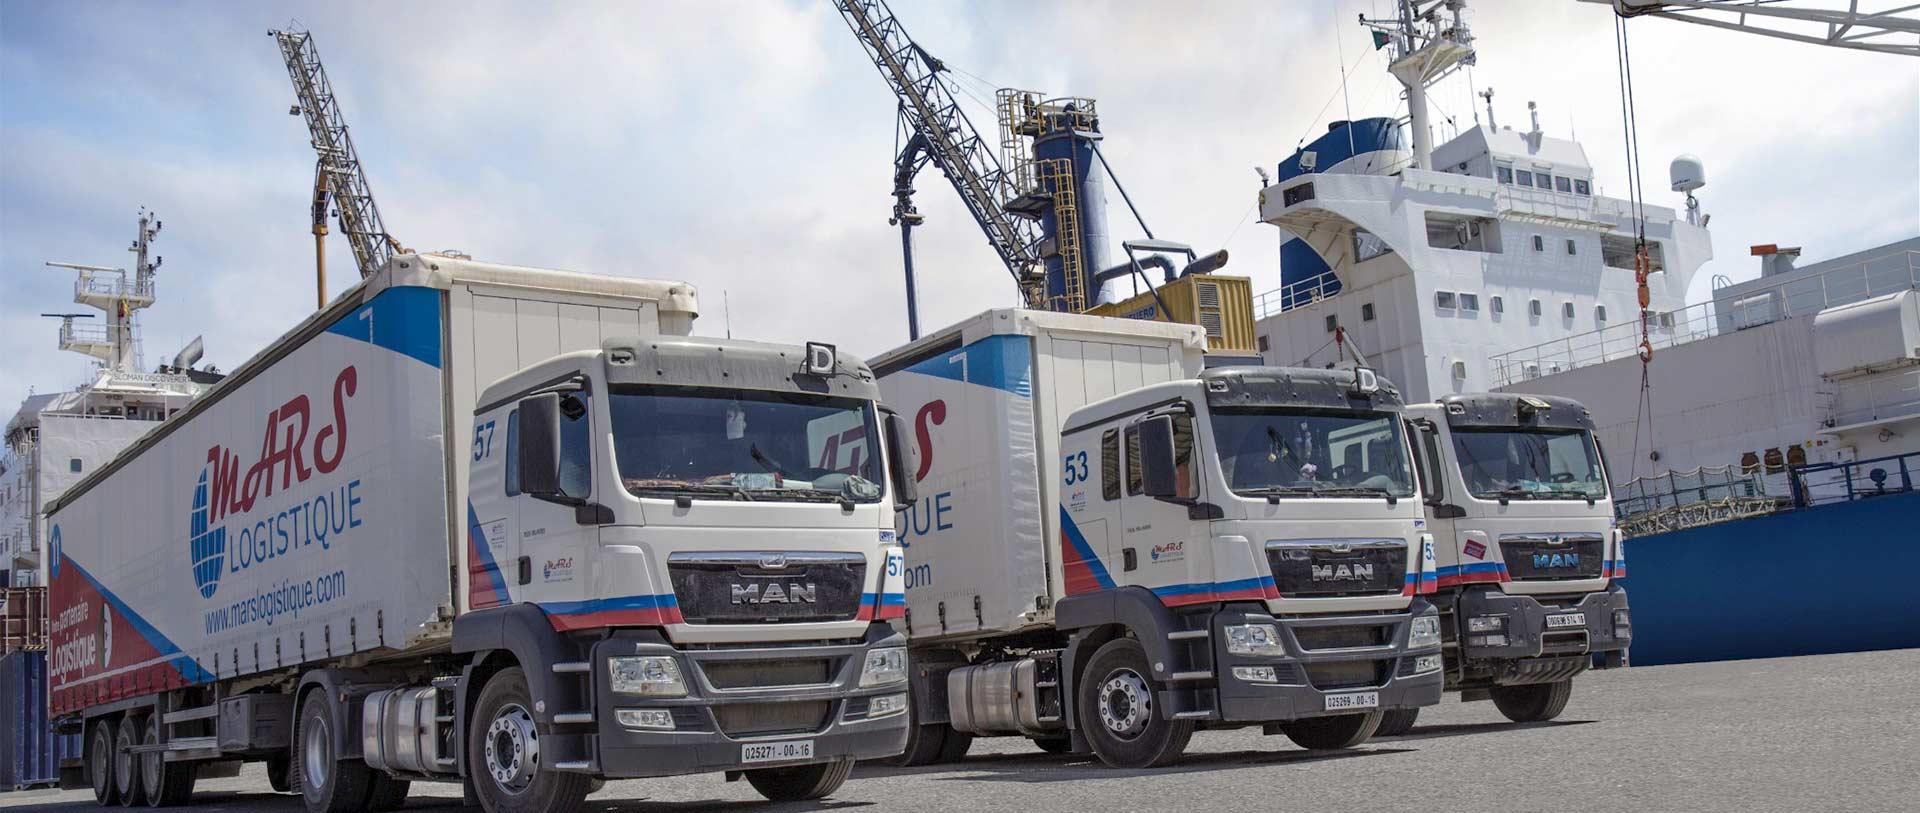 Freight Fret terrestre Algérie mars logistique